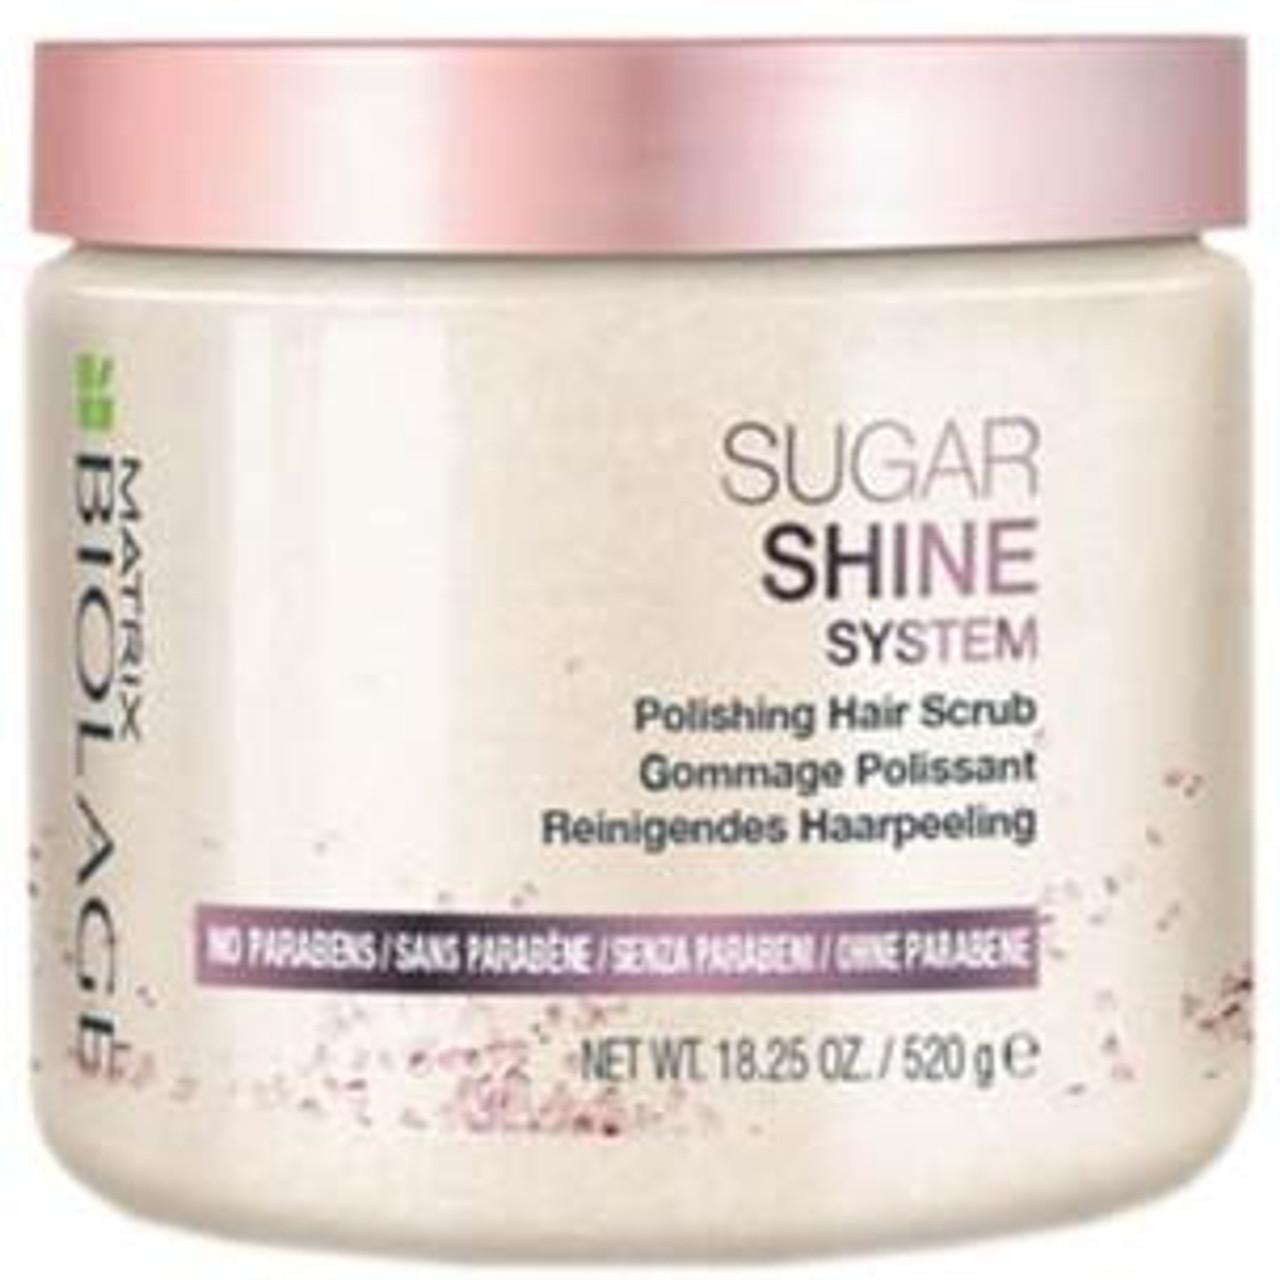 Biolage Sugar Shine Polishing Hair Scrub 18.25 oz